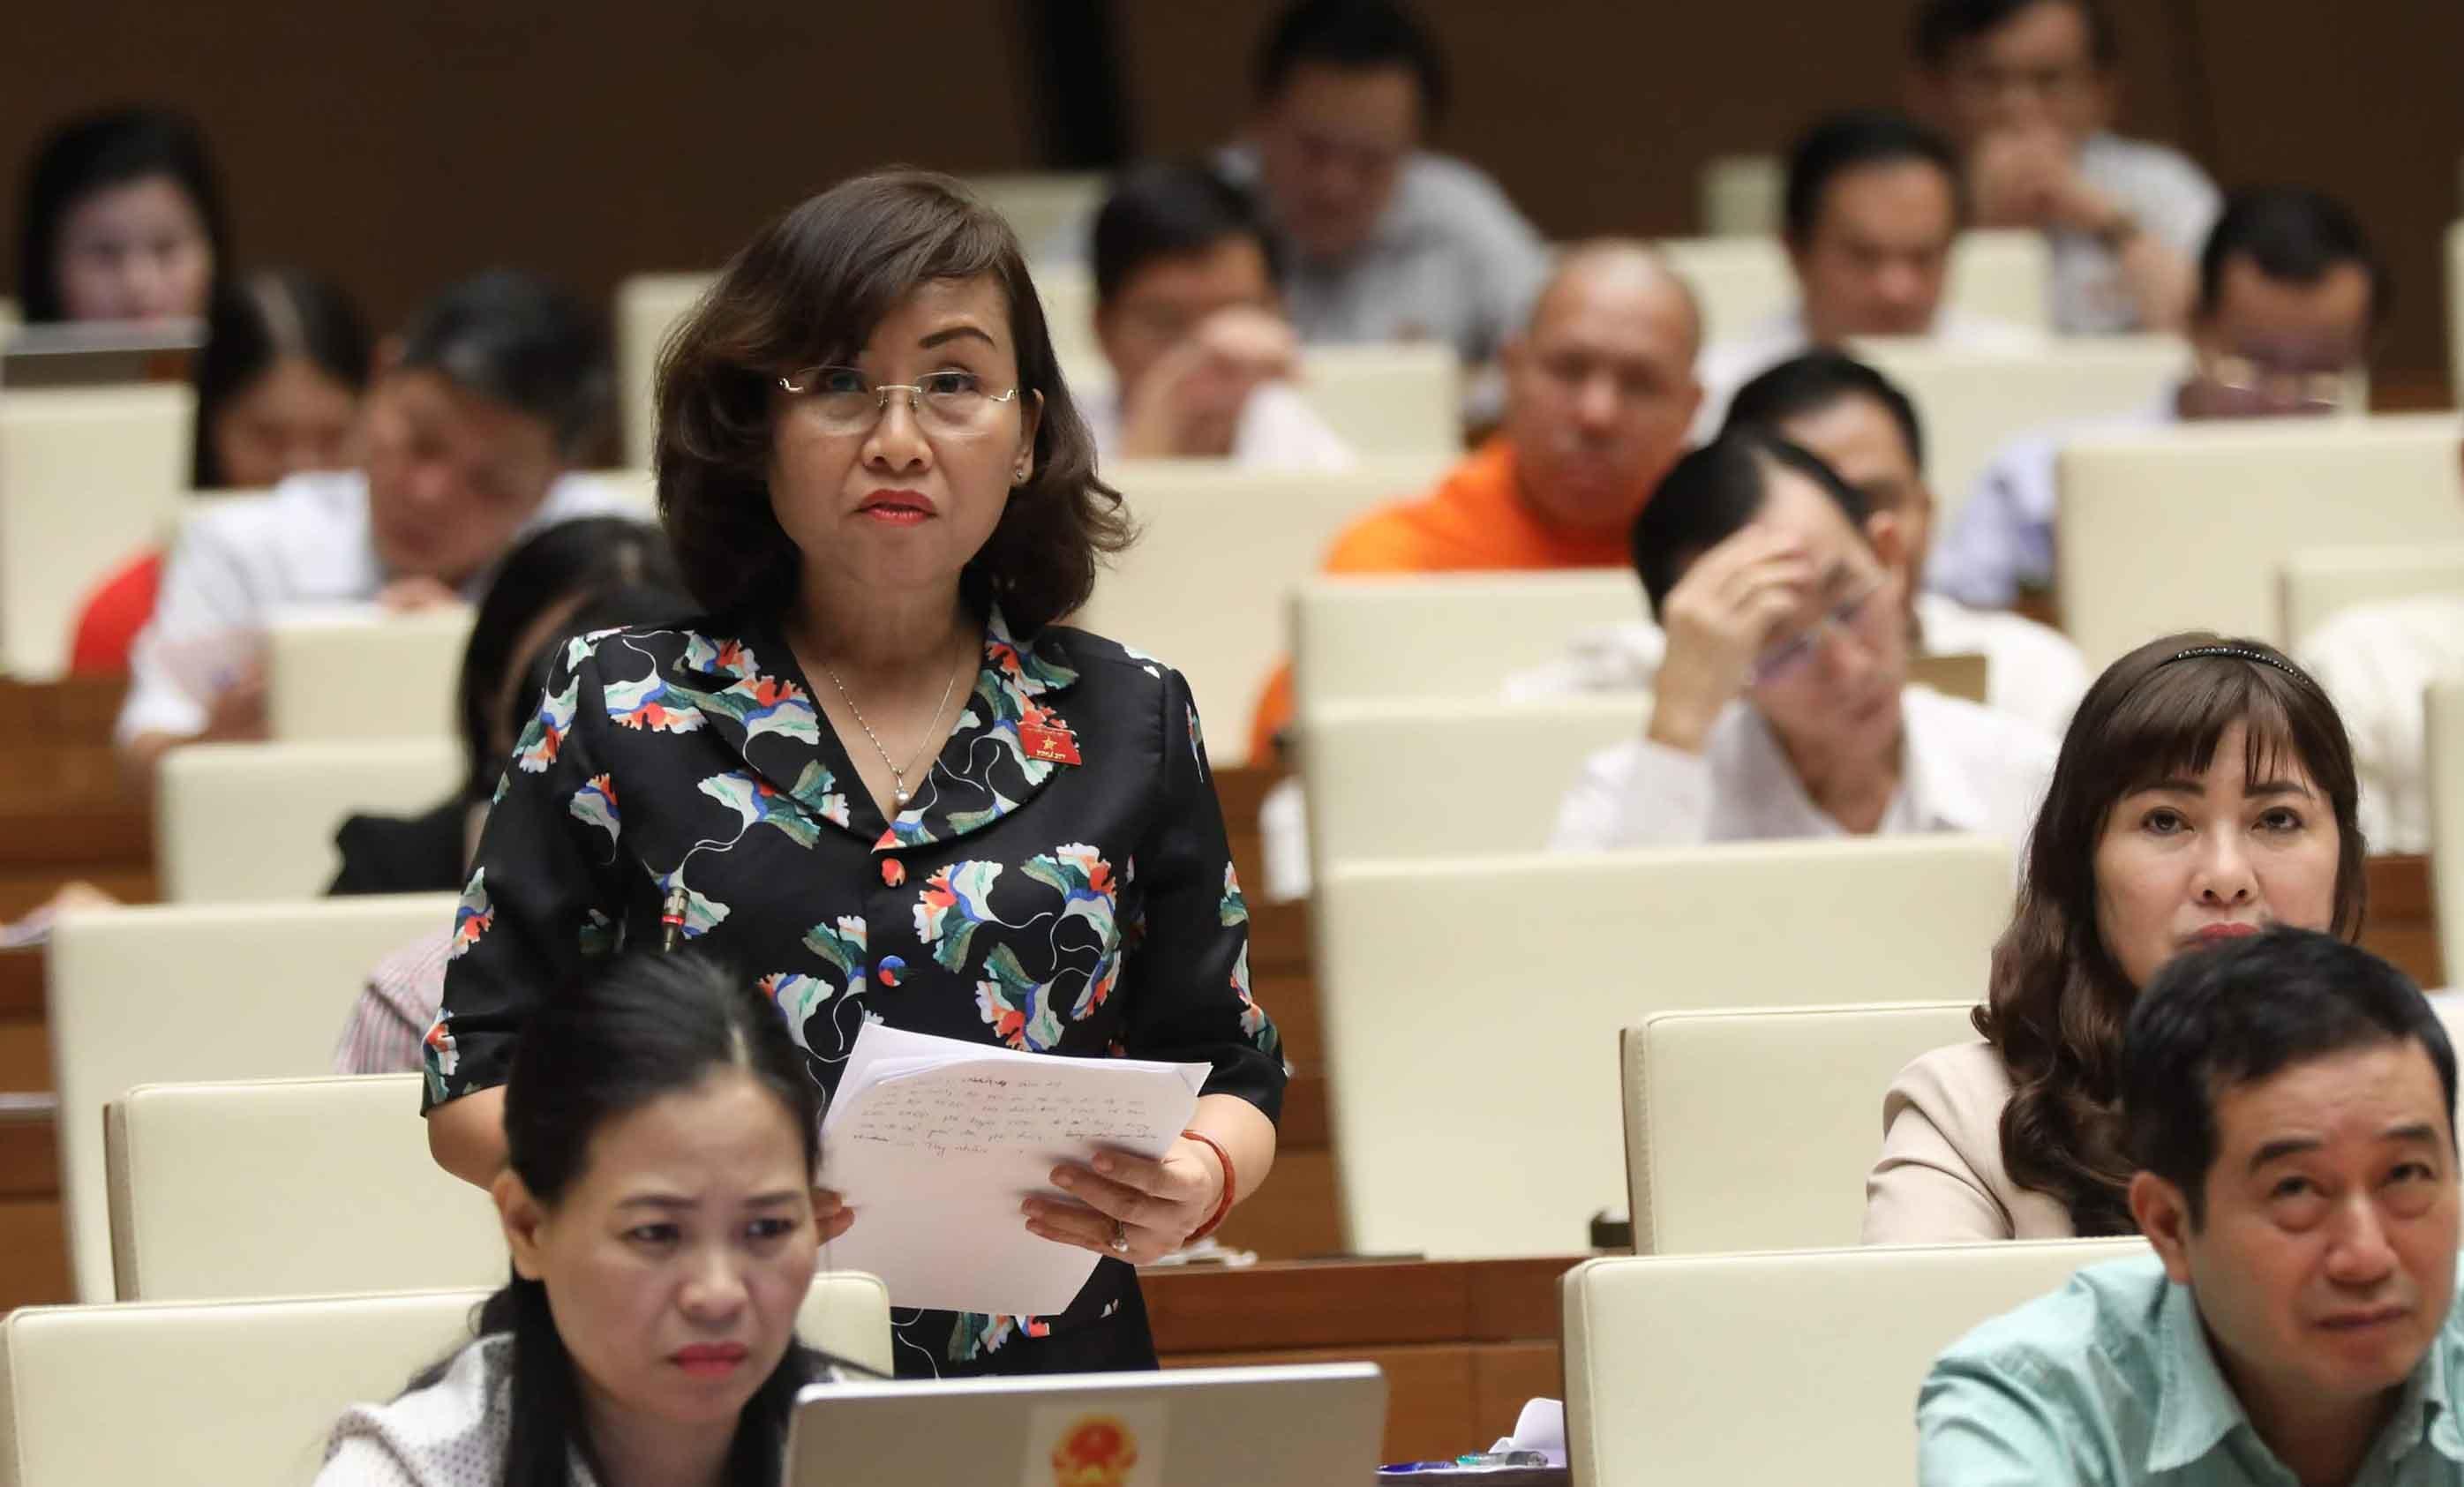 luật Giáo dục,đổi mới sách giáo khoa,cải cách giáo dục